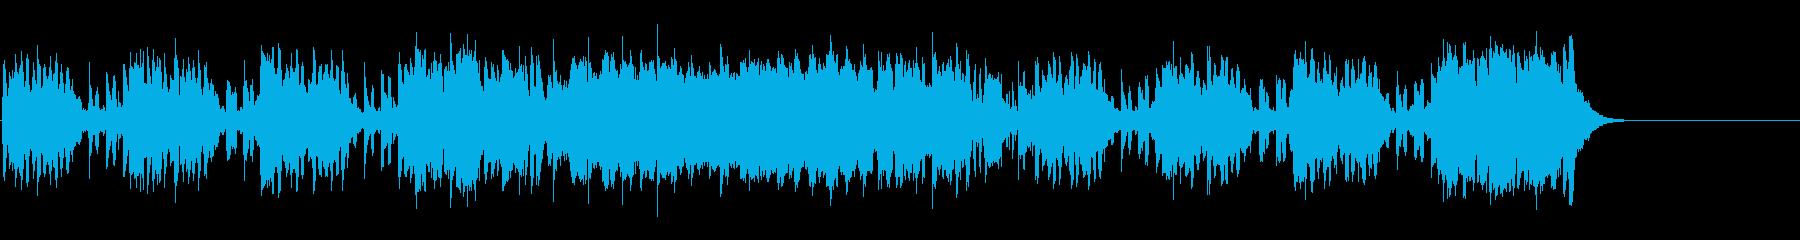 可愛らしくコミカルなセミクラ/ポップの再生済みの波形